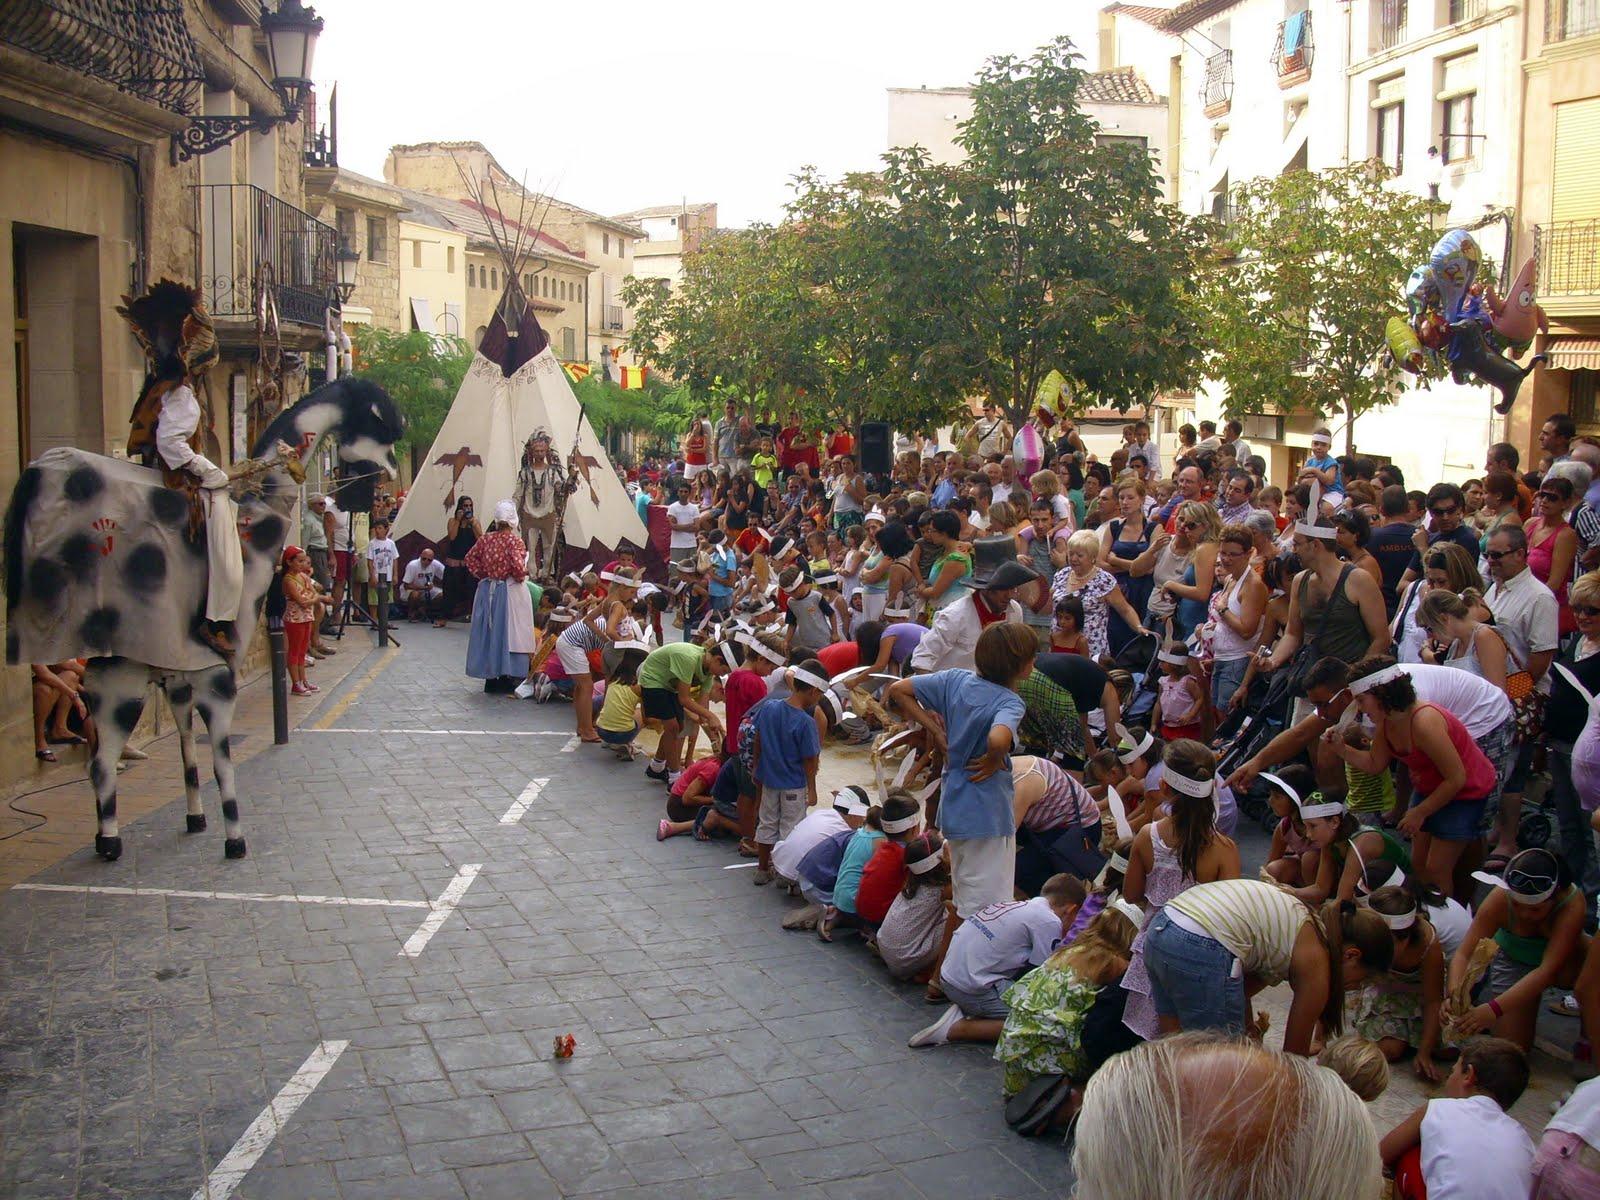 K de calle teatro animaci n julio 2010 for Calle mateo de prado ourense